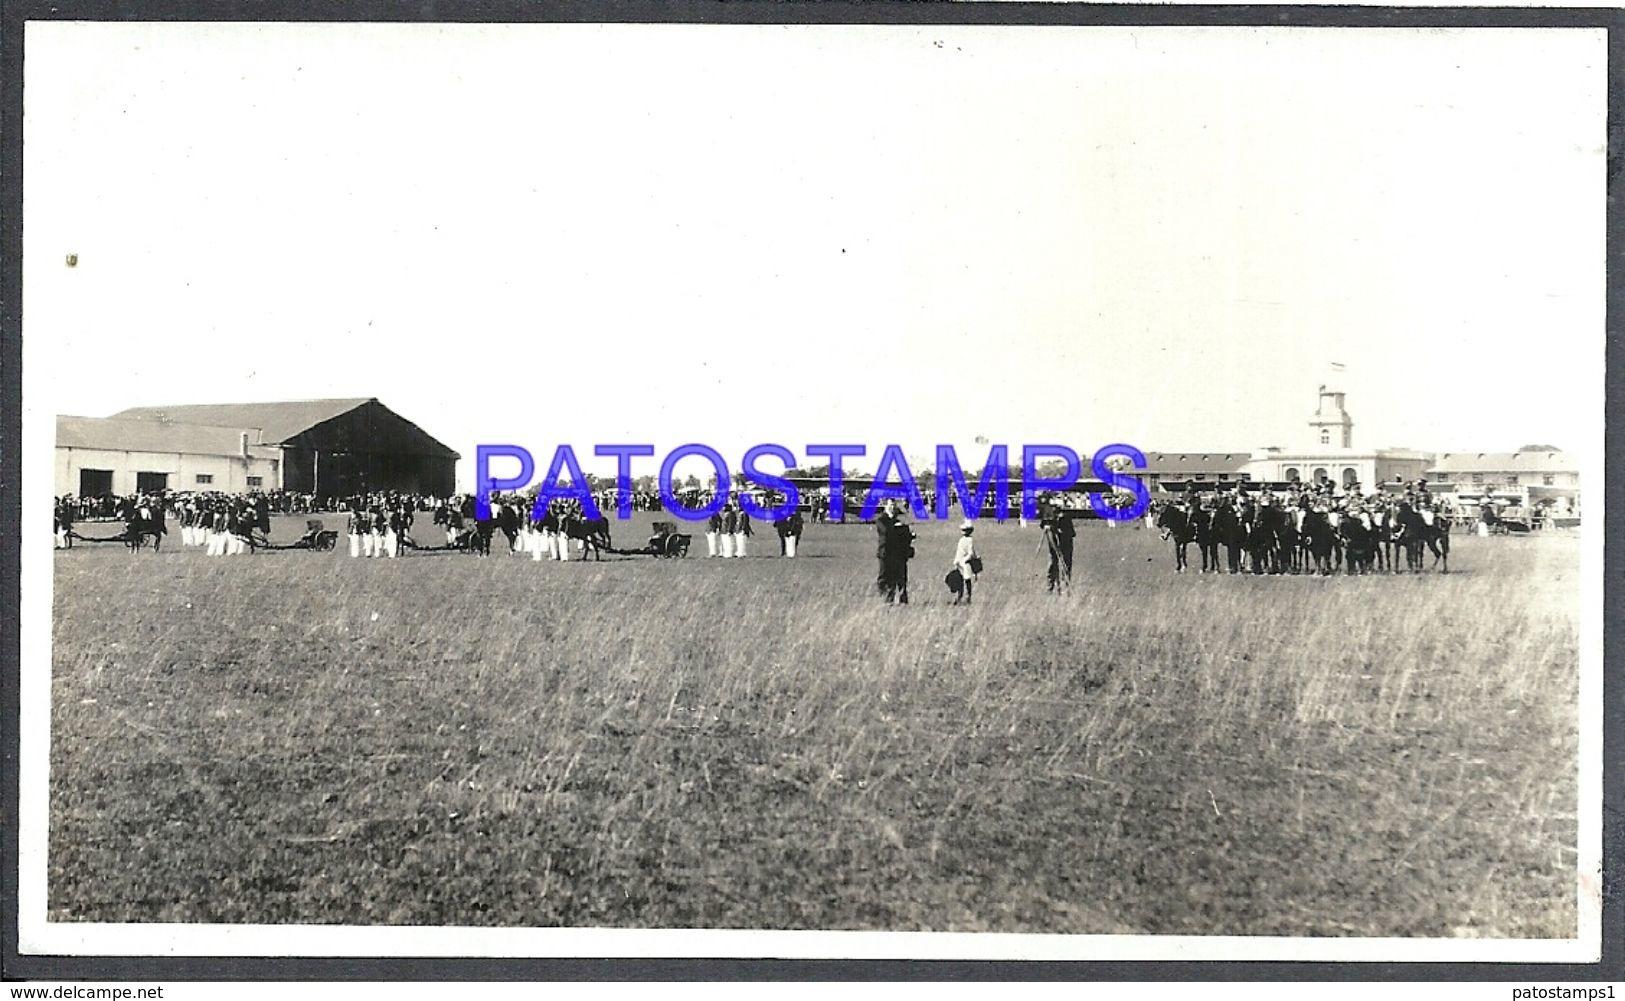 90957 PARAGUAY HELP VISTA PARCIAL MILITARY SOLDIER A HORSE PHOTO NO POSTAL POSTCARD - Fotografie